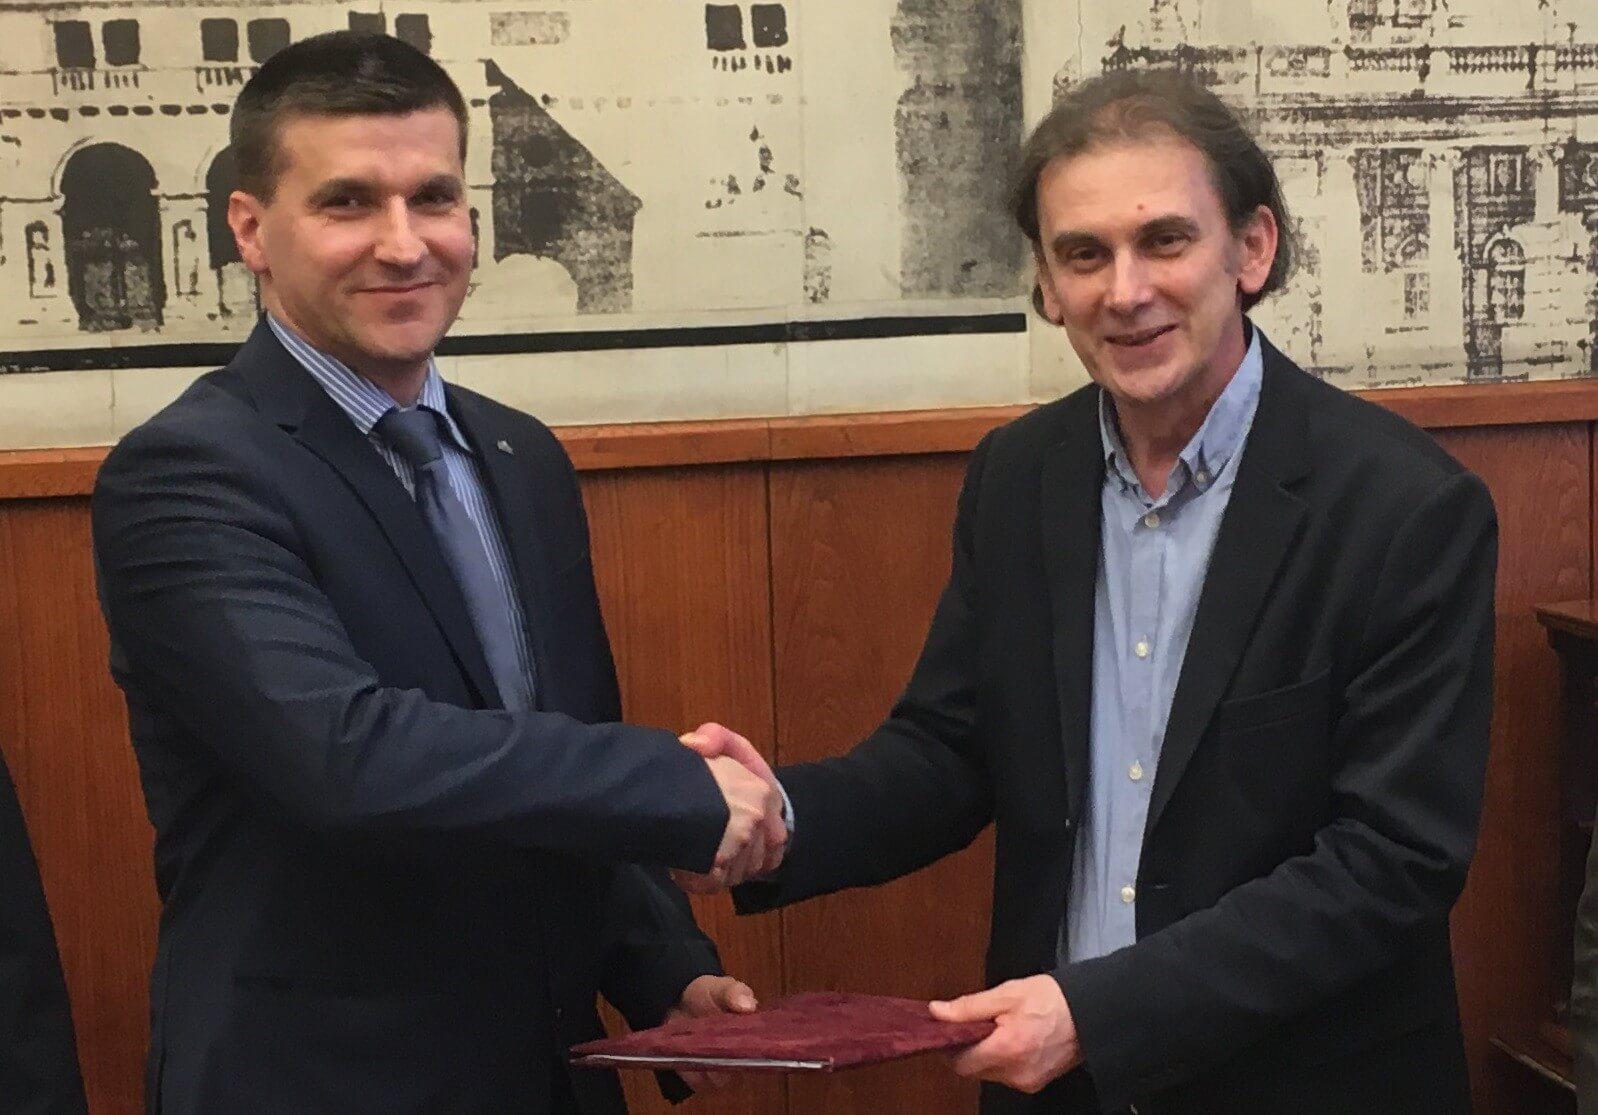 Oktatási együttműködést kötött a Duna Aszfalt és a SZIE Építéstudományi Kara